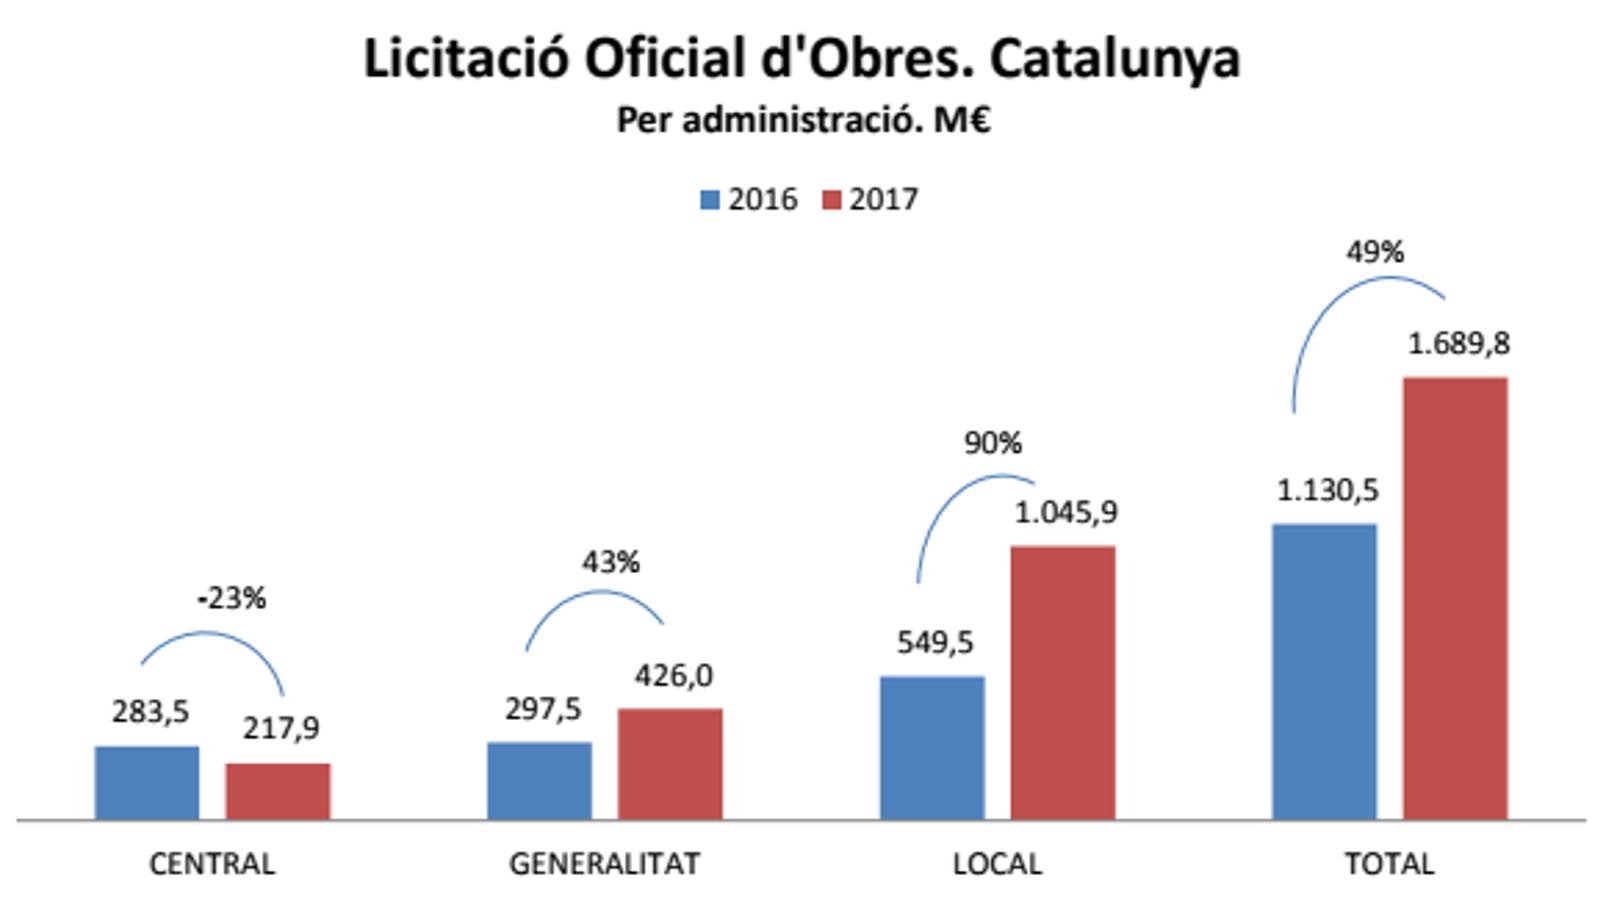 La licitació d'obra pública de l'Estat a Catalunya cau un 23% el 2017